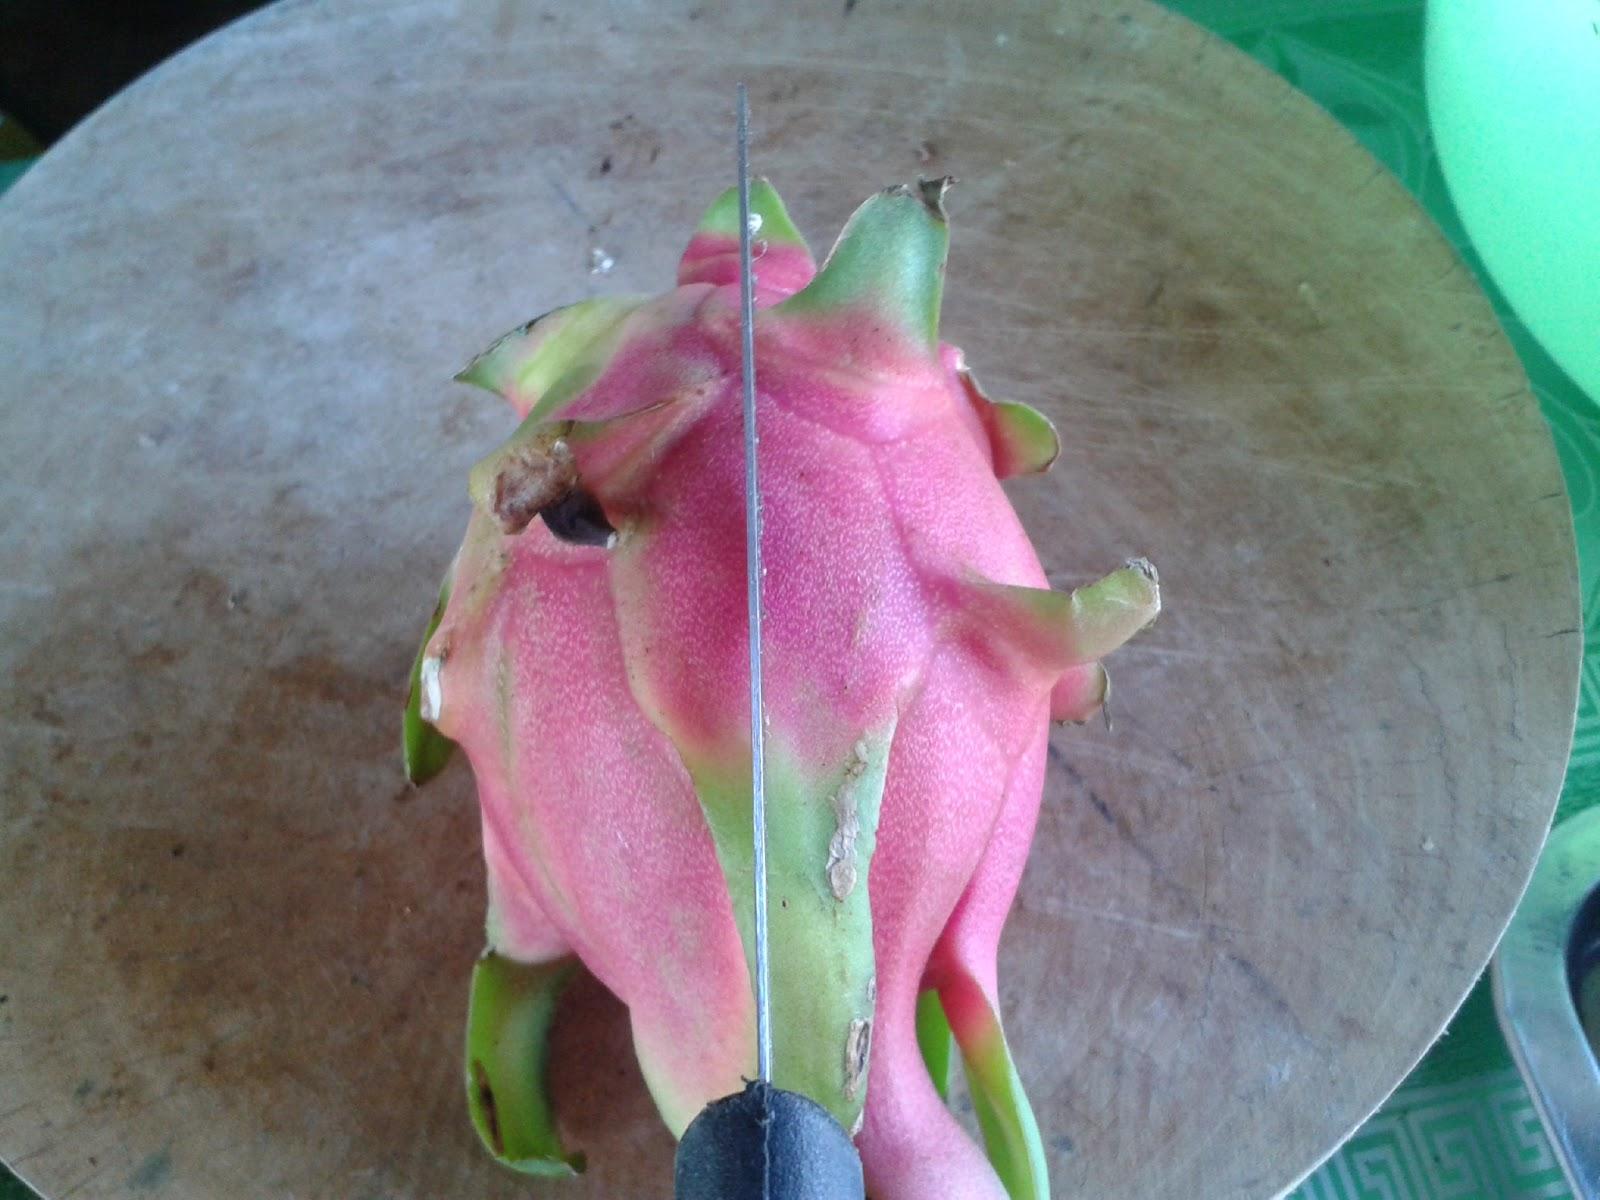 Cut A Half Dragon Fruit